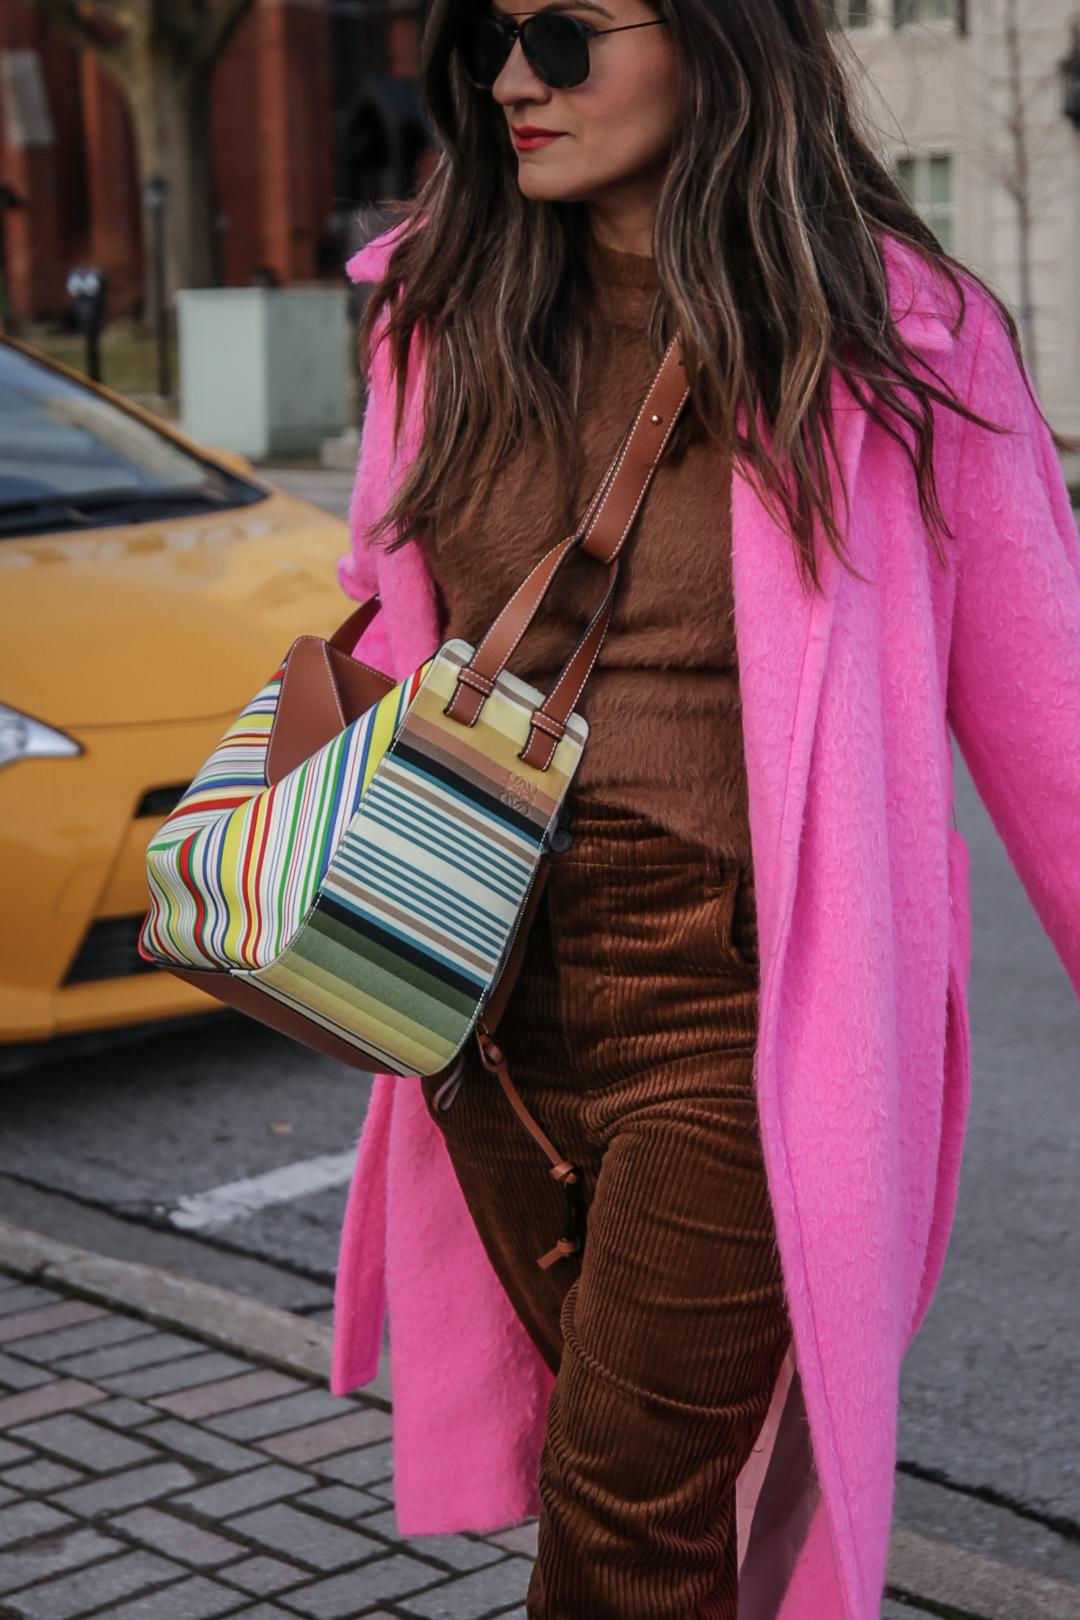 Nathalie Martin wearing Helmut Lang pink belt tie wool coat, brown corduroy pants, Zara brown textured sweater, Prada brown suede mules, Loewe striped Hammock bag, Bonlook Class sunglasses, street style, woahstyle.com_5172.jpg